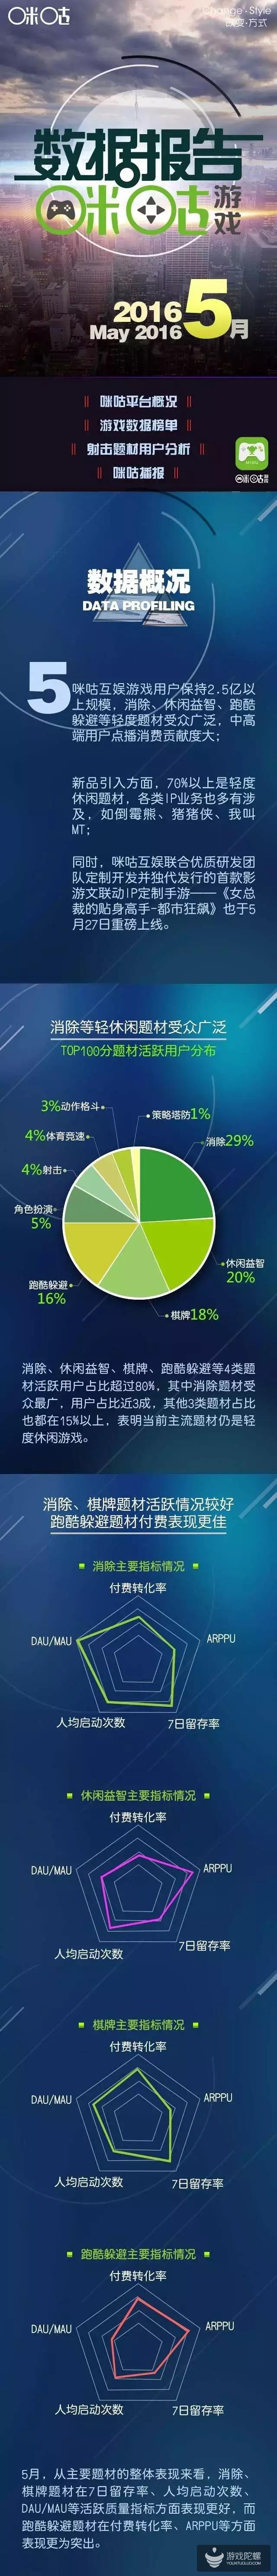 咪咕游戏发布5月手游数据报告:轻度游戏占比83%